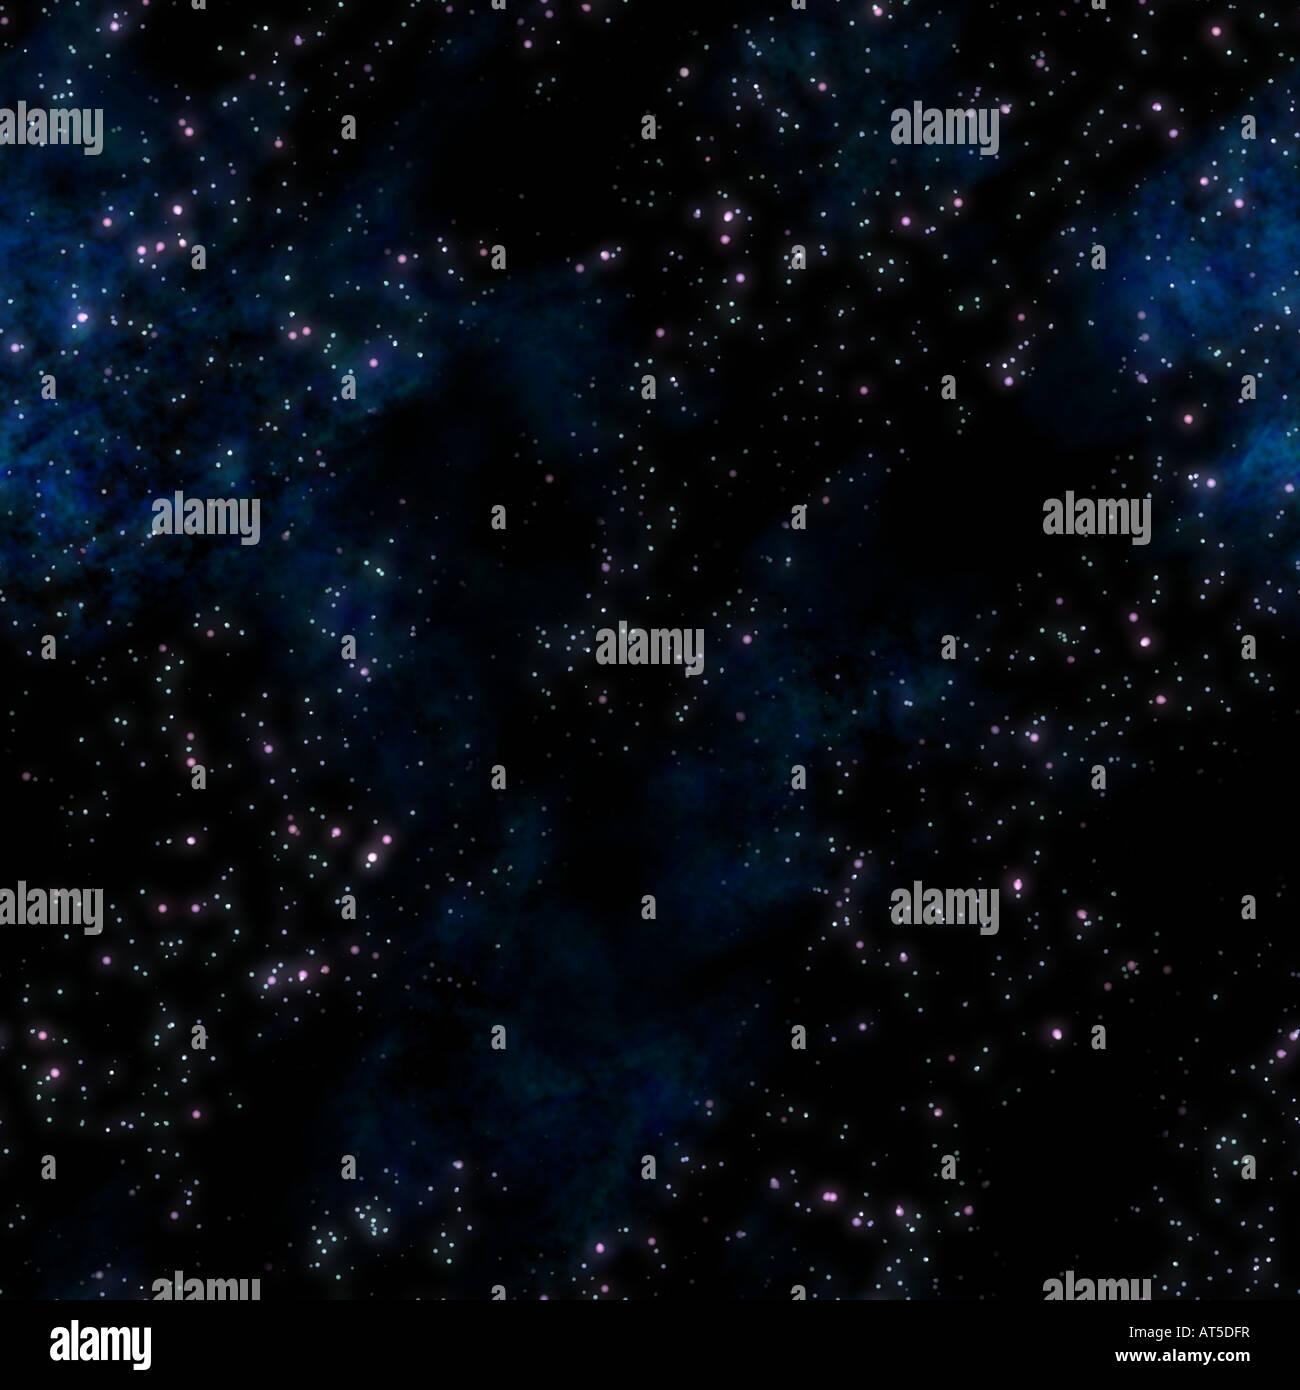 Imagen de estrellas y nebulosa nubes en el espacio profundo Imagen De Stock